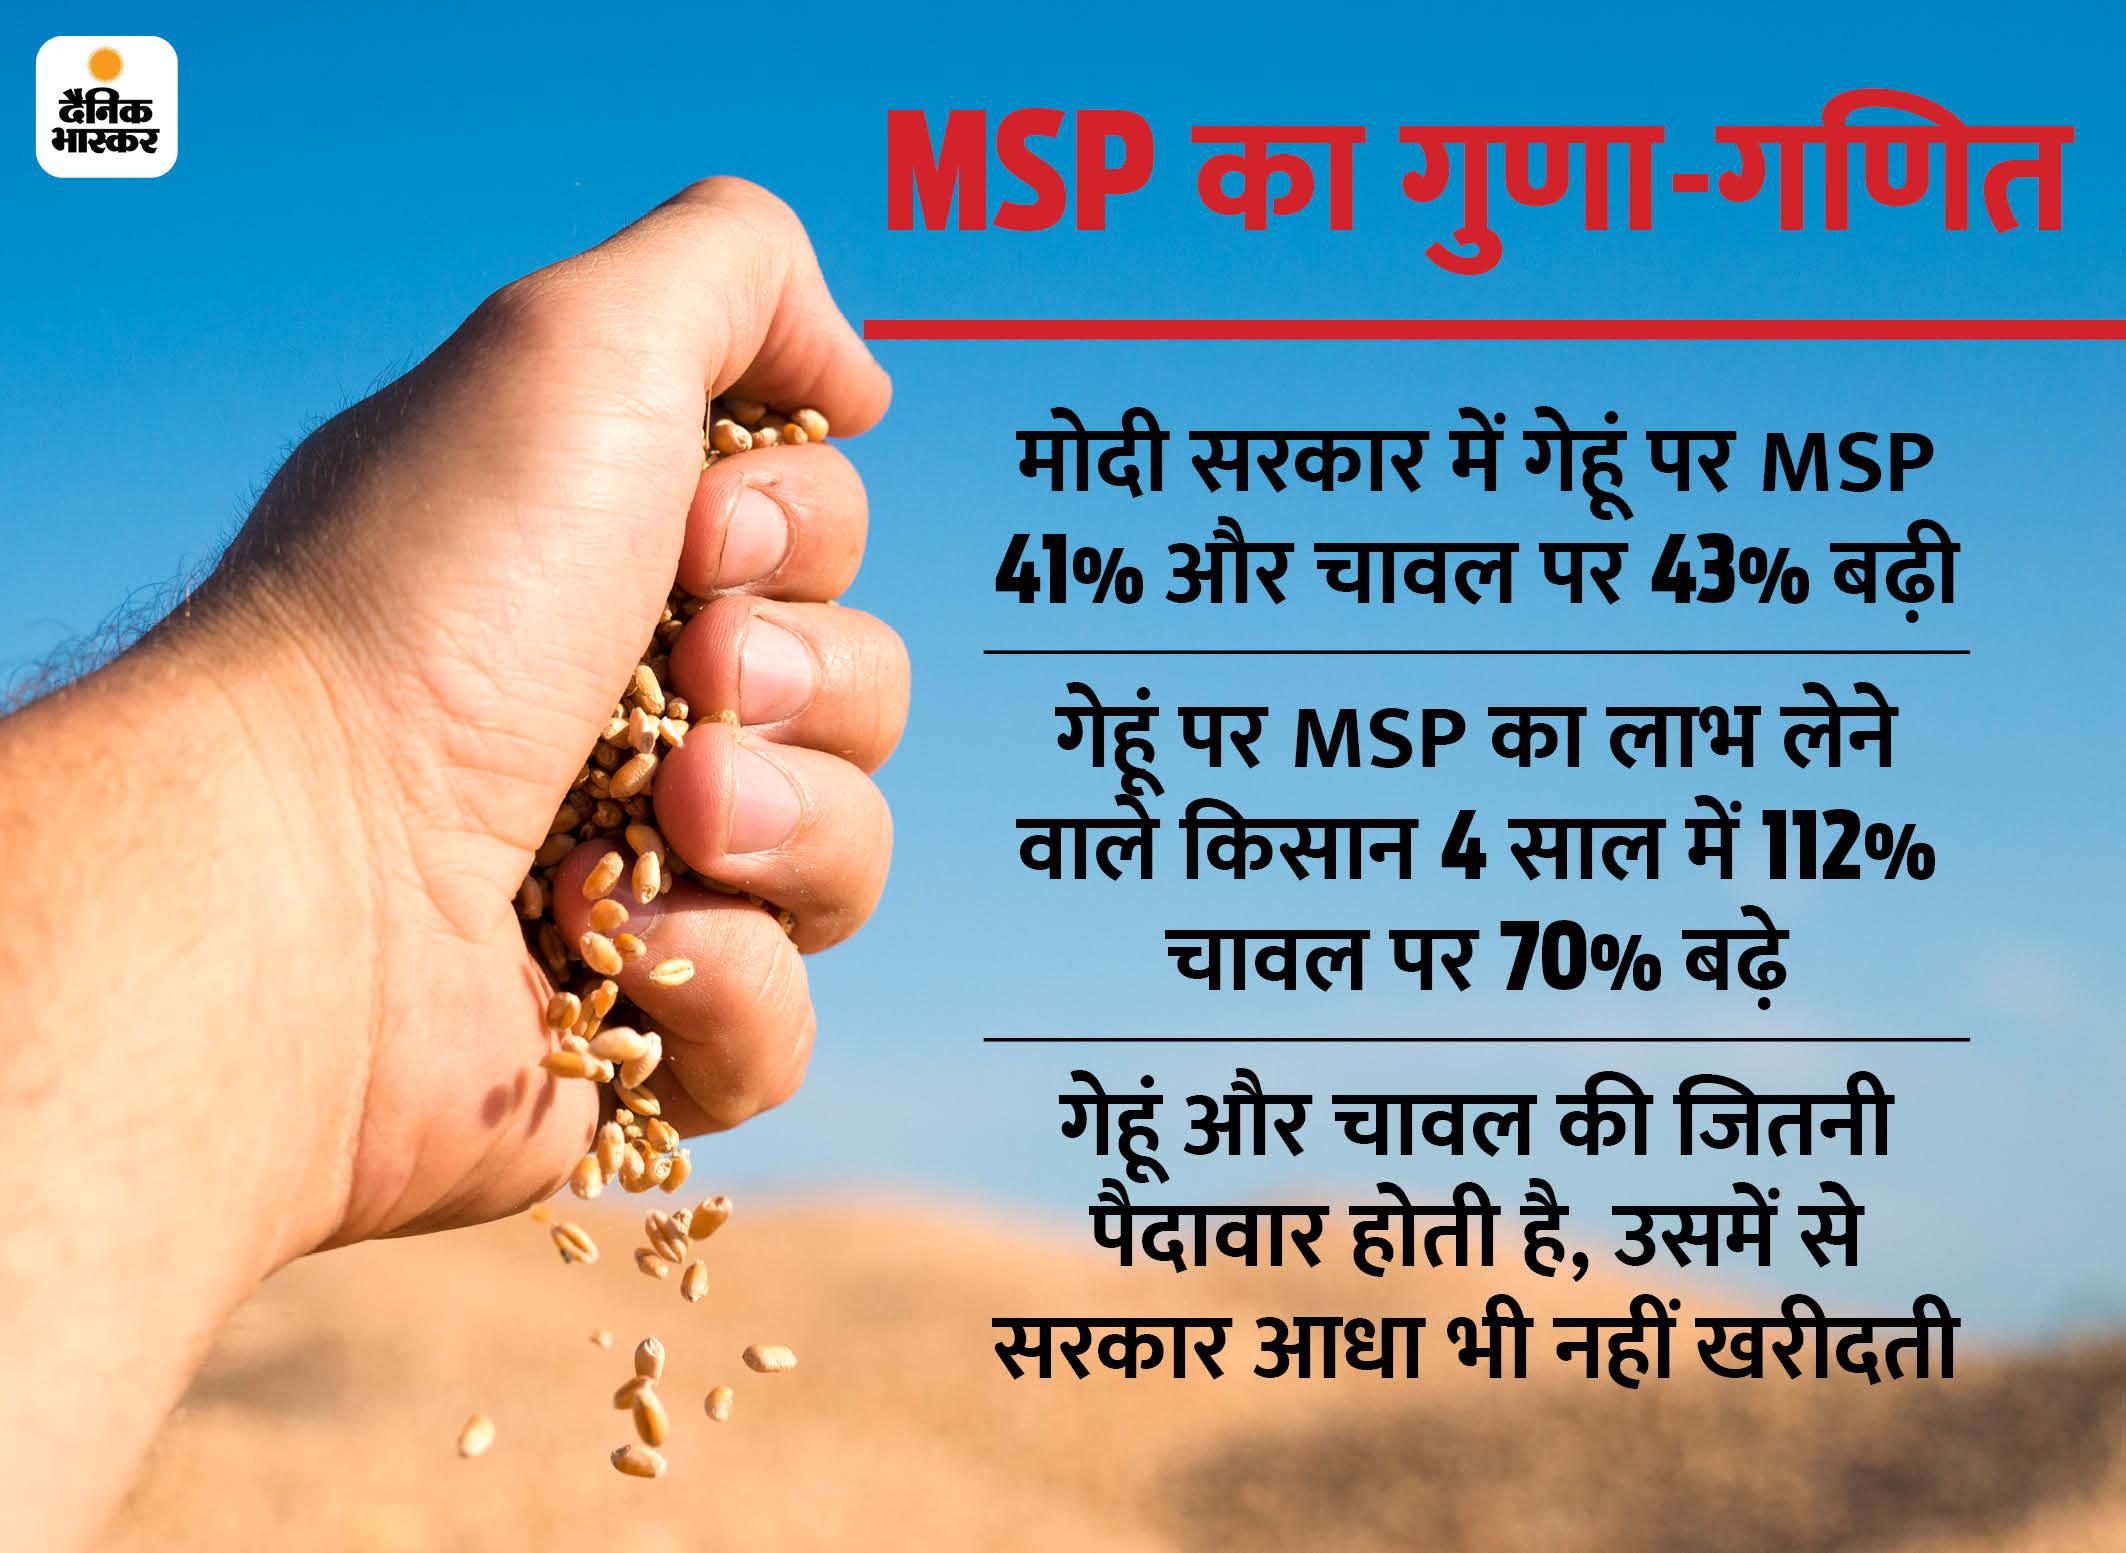 6% किसानों को ही मिलता है MSP का फायदा, इनमें पंजाब-हरियाणा के ज्यादा, इसलिए विरोध इन्हीं इलाकों में|एक्सप्लेनर,Explainer - Dainik Bhaskar